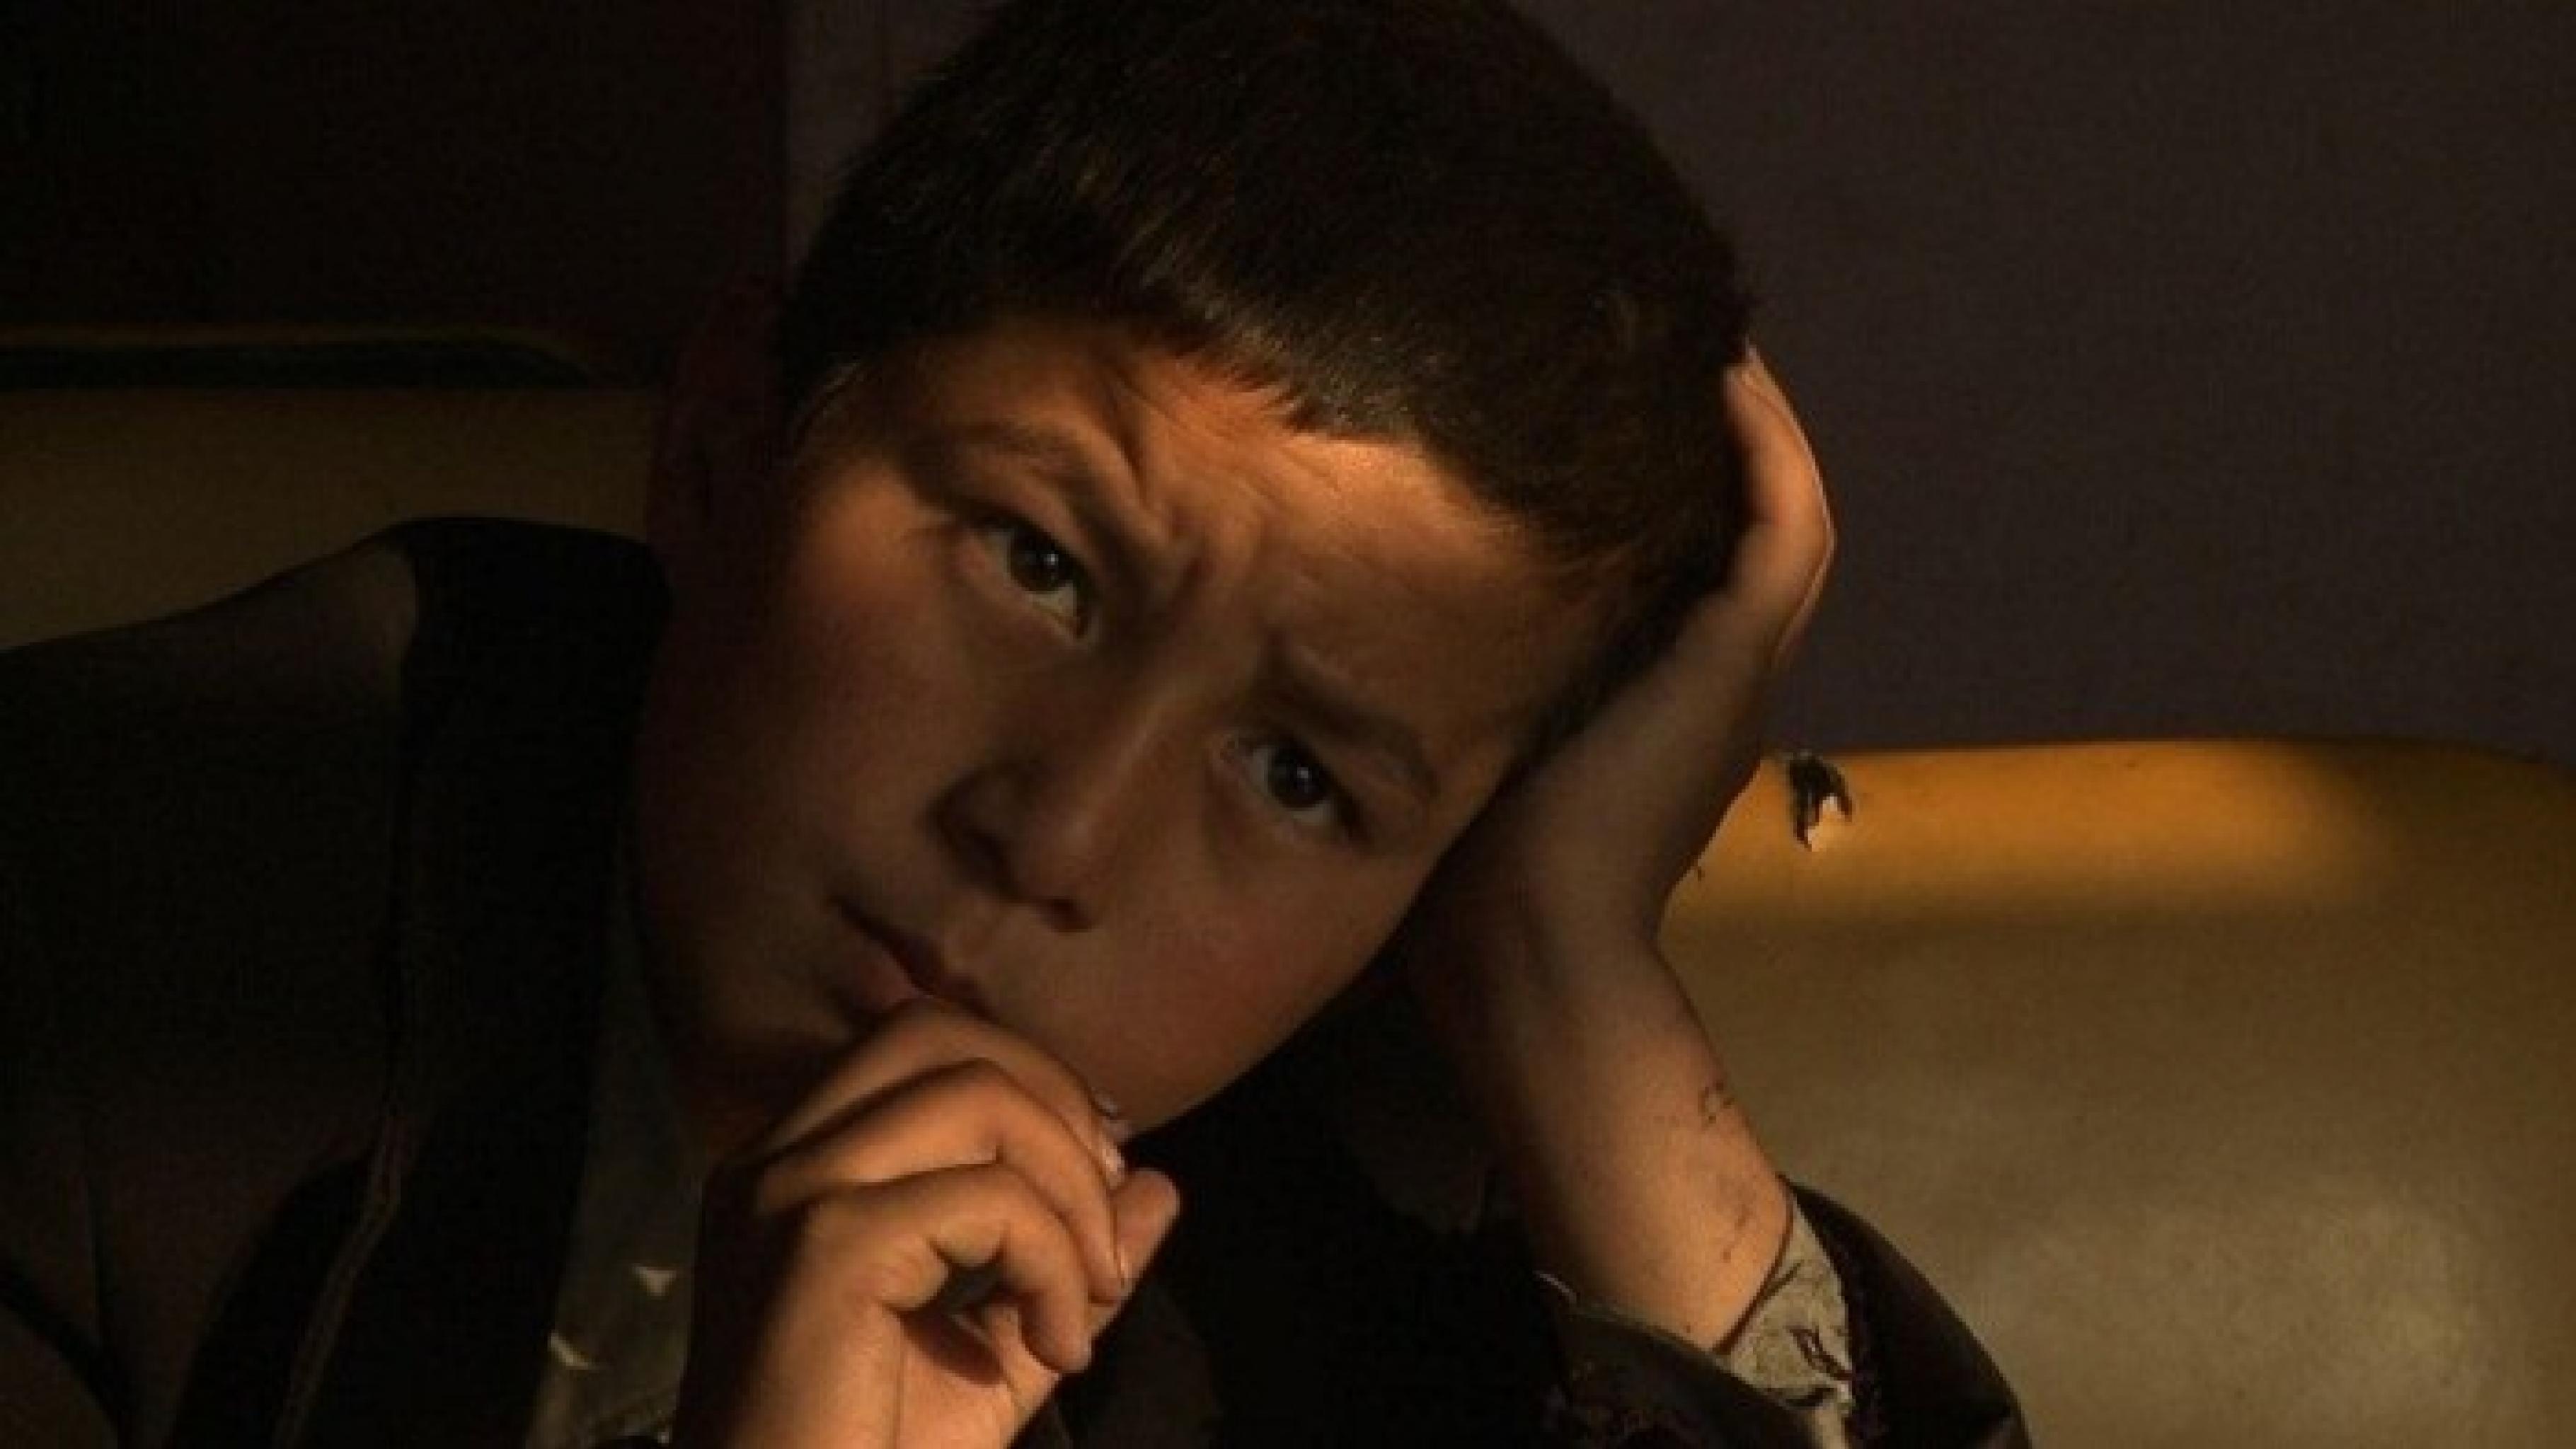 Mirwais, 10 Jahre, aus Kundus. © Martin Gerner